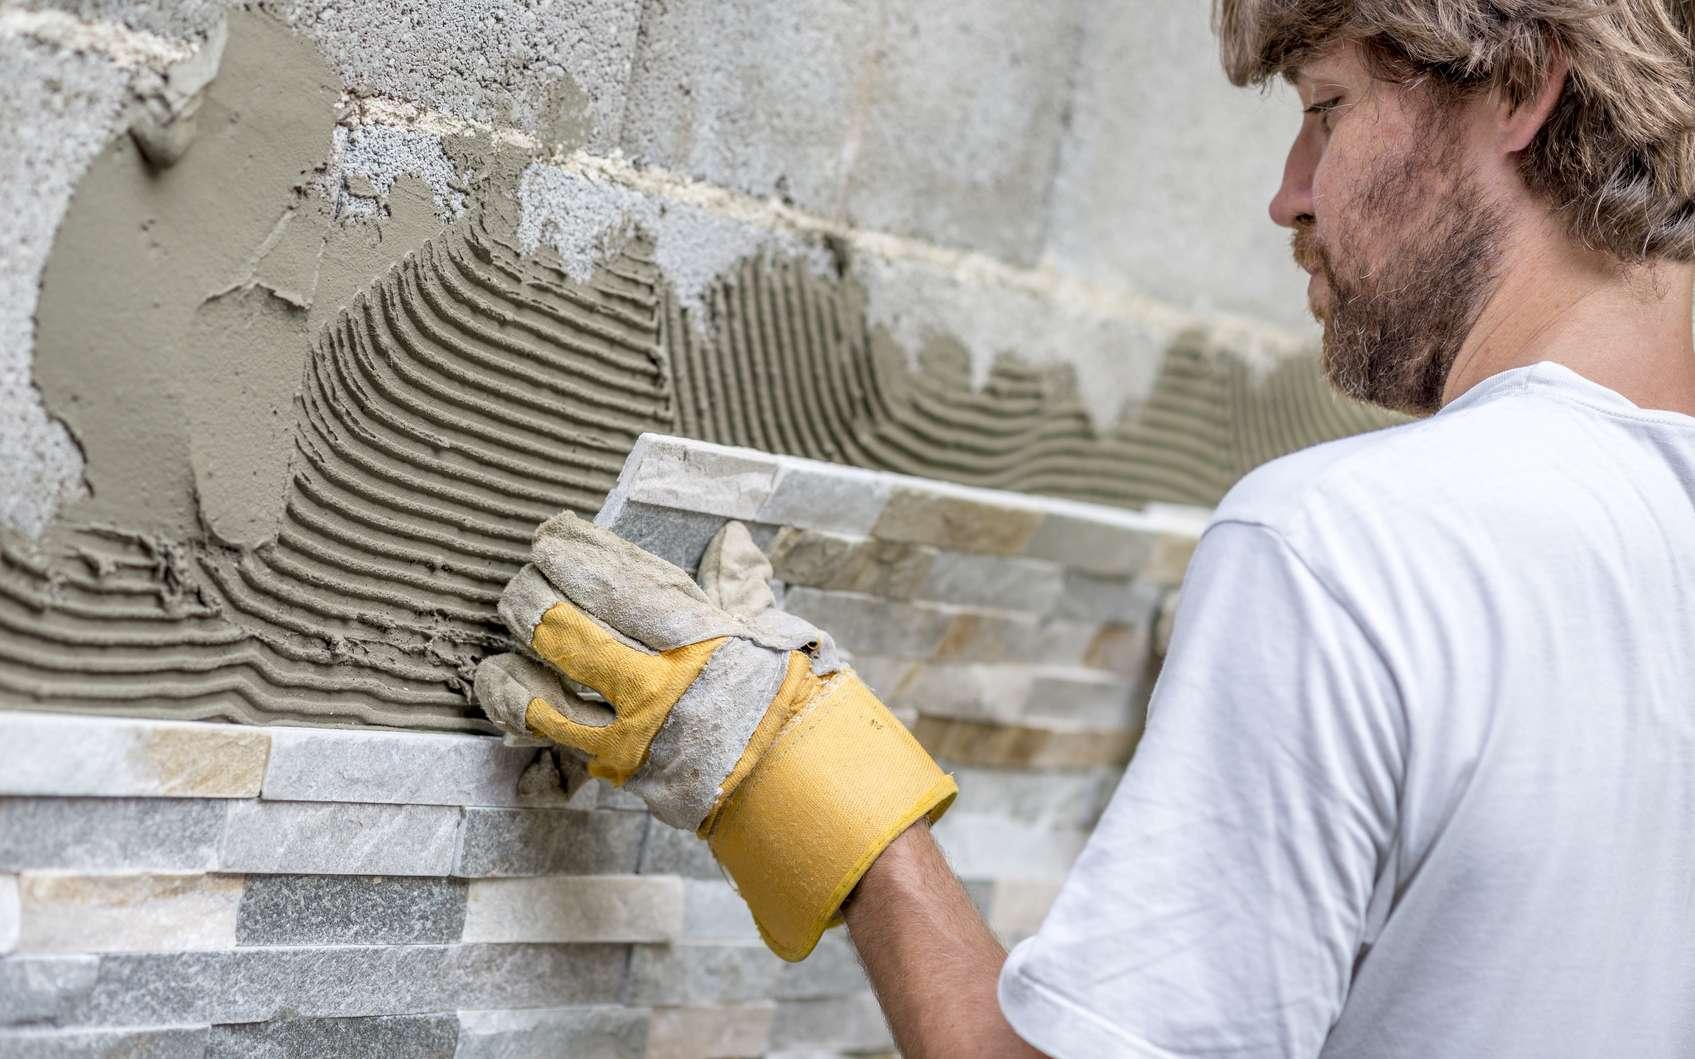 Le parement en pierre est un élément de décoration, facile à poser, mais attention, le support doit être parfaitement plane. © Gajus, Fotolia